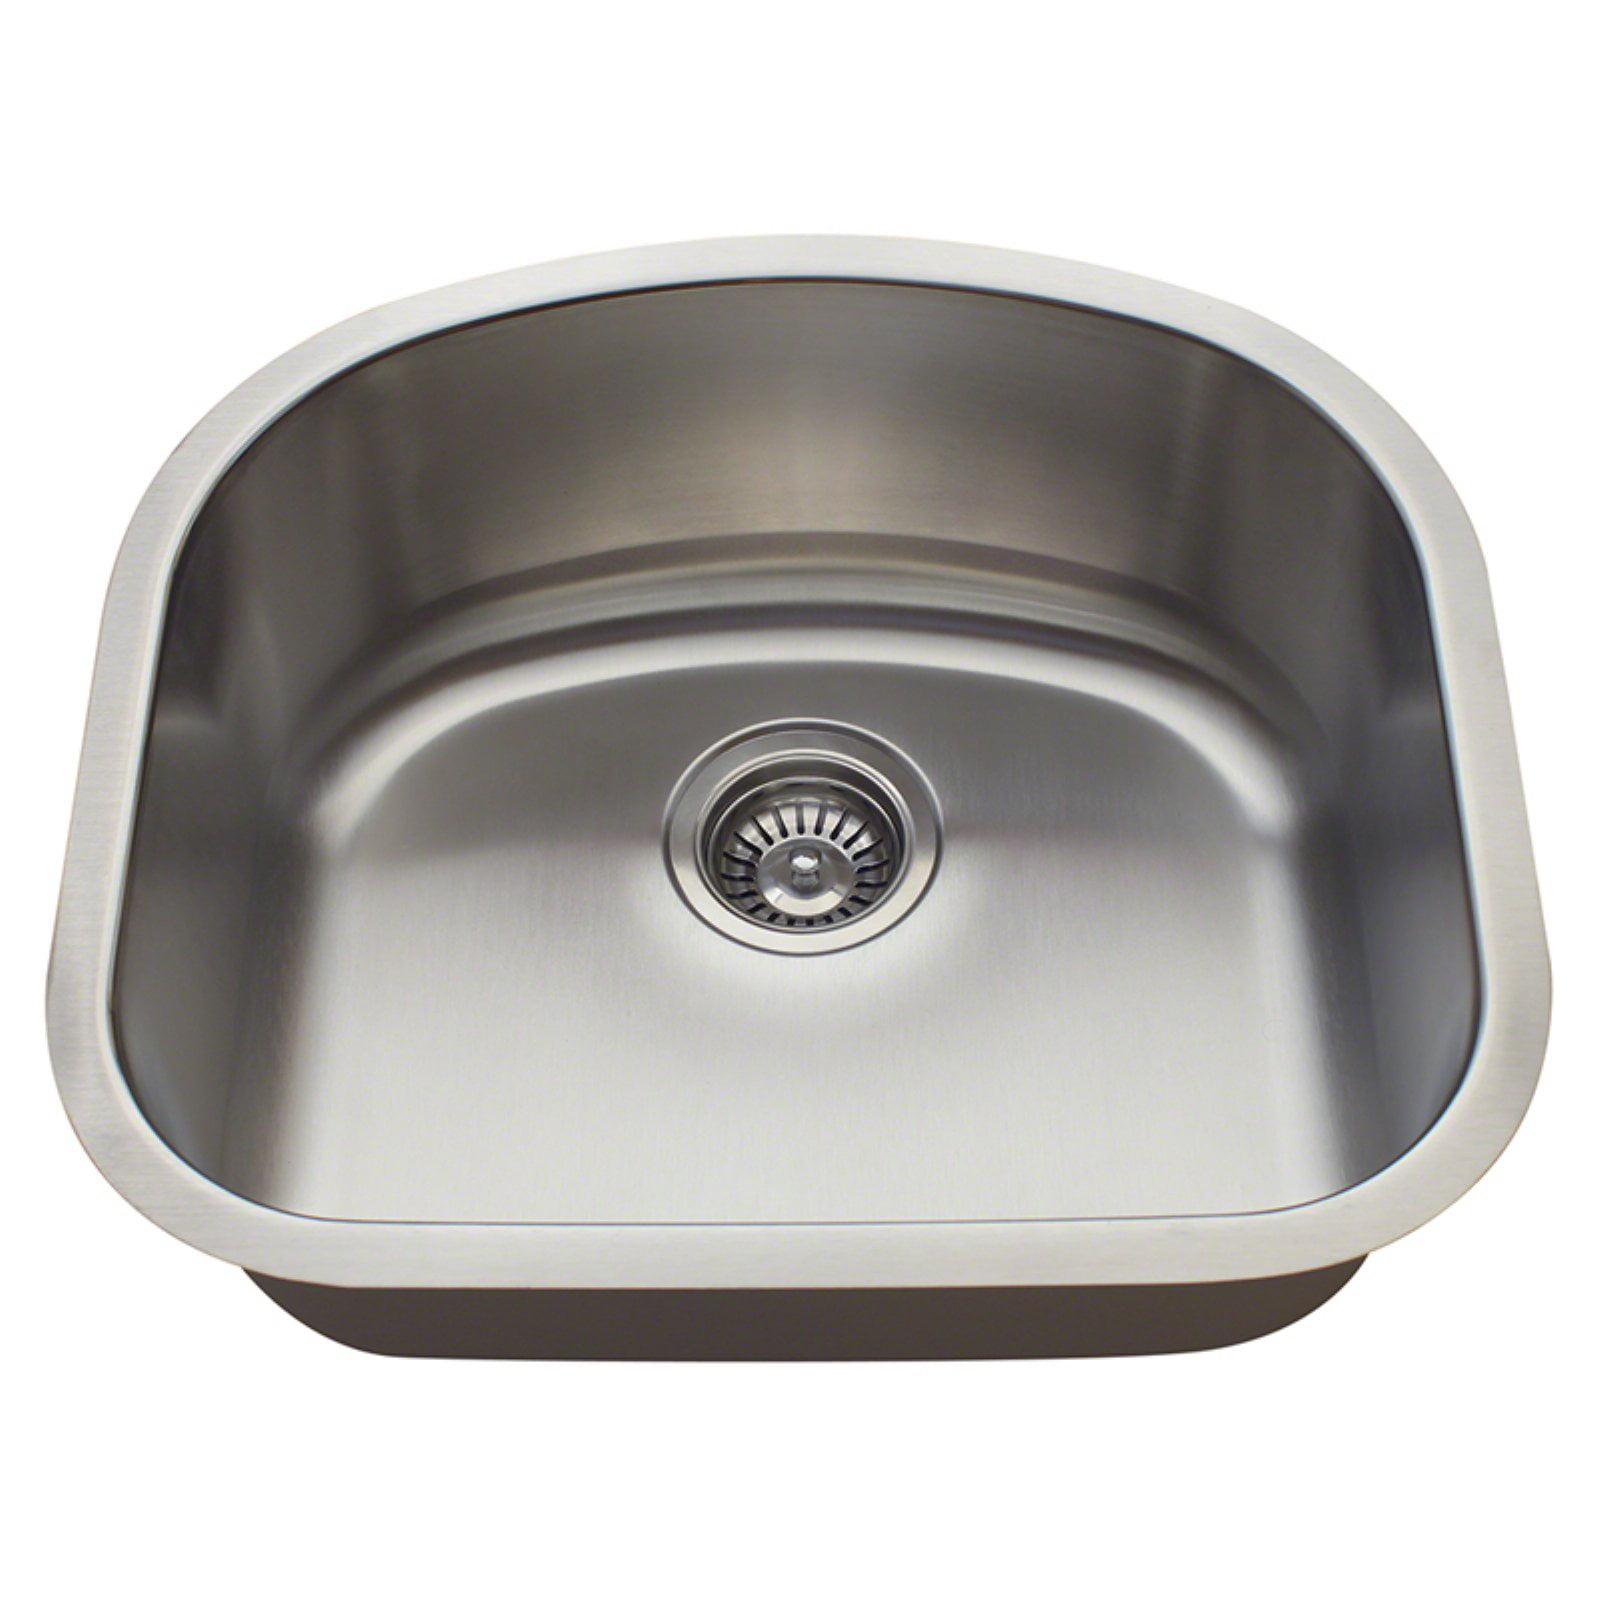 Polaris Sinks P812 Single Basin Undermount Kitchen Sink